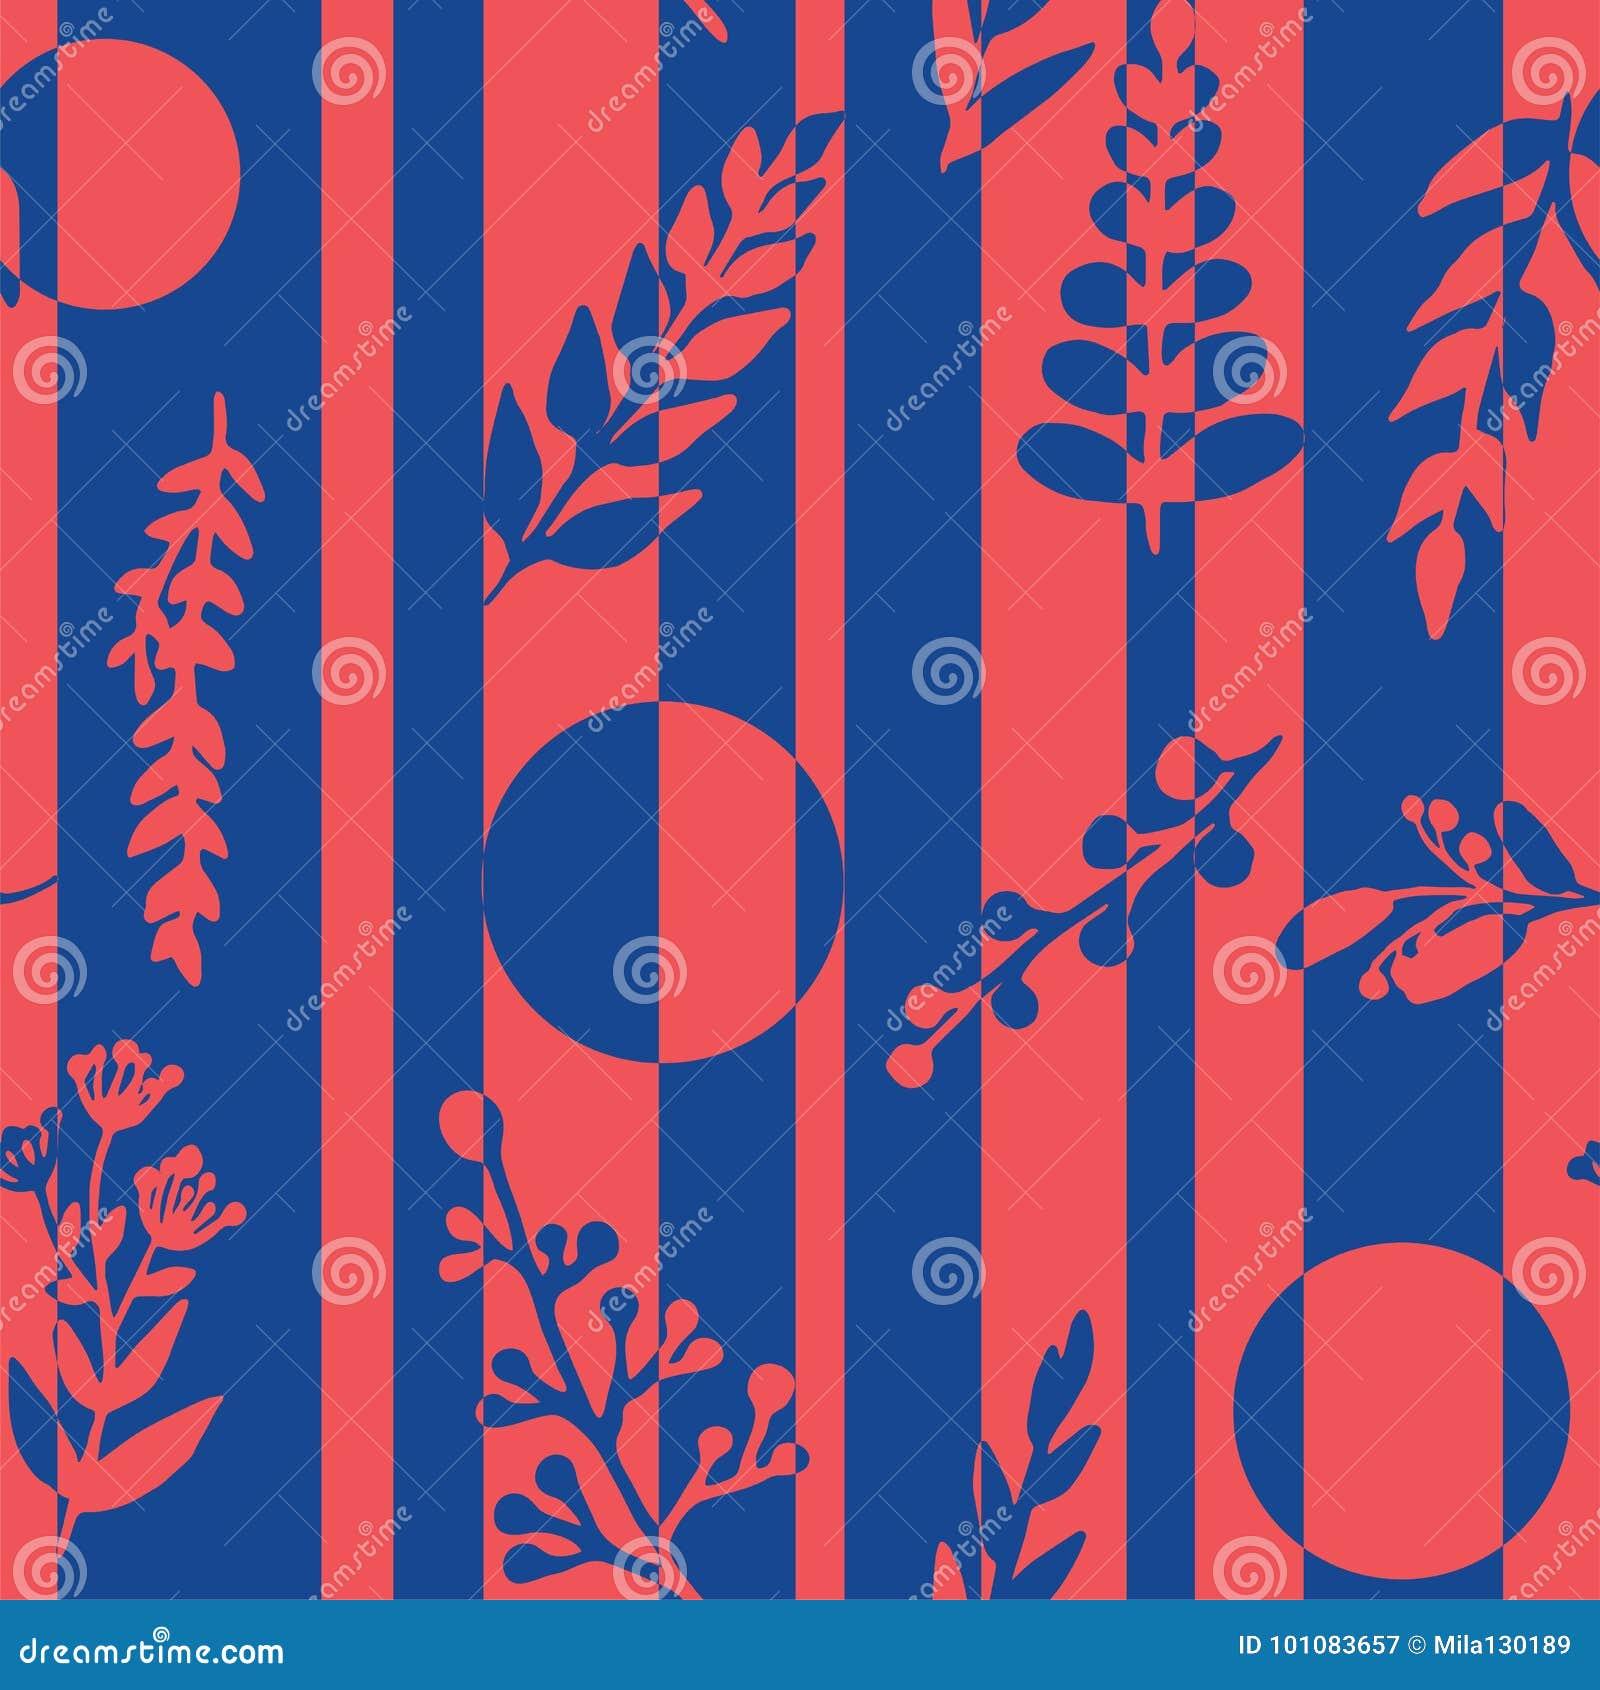 Naadloos patroon met abstracte strepen, bloemen, installaties in rode en blauwe kleuren